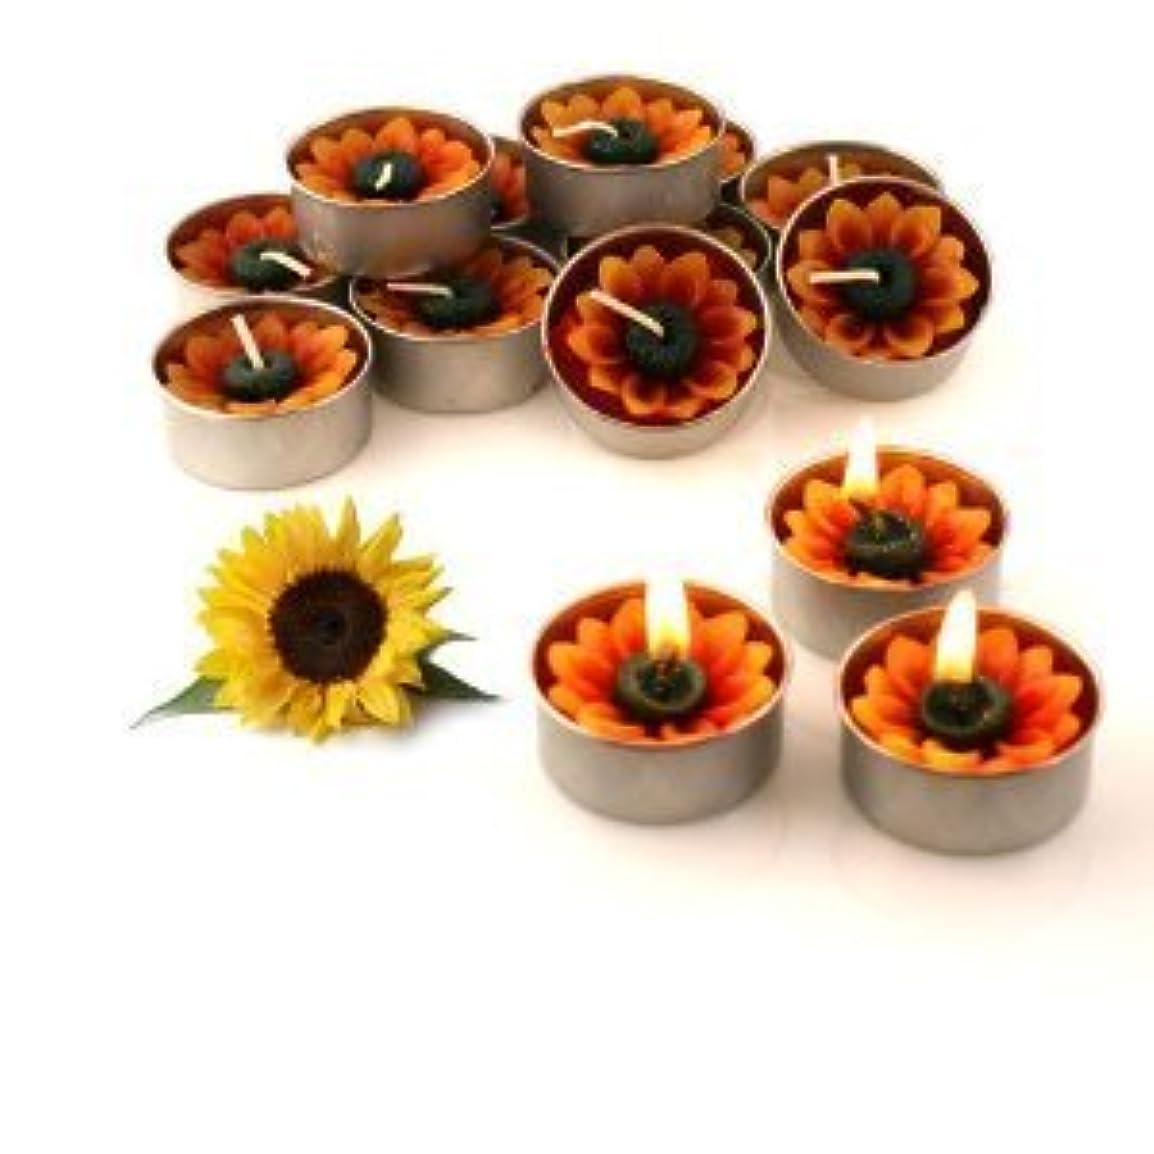 講義適度な夏Relax Spa Shop @ Sun Flower Candle in Tea Lights , Floating Candles, Scented Tea Lights ,Aromatherapy Relax (Sun...